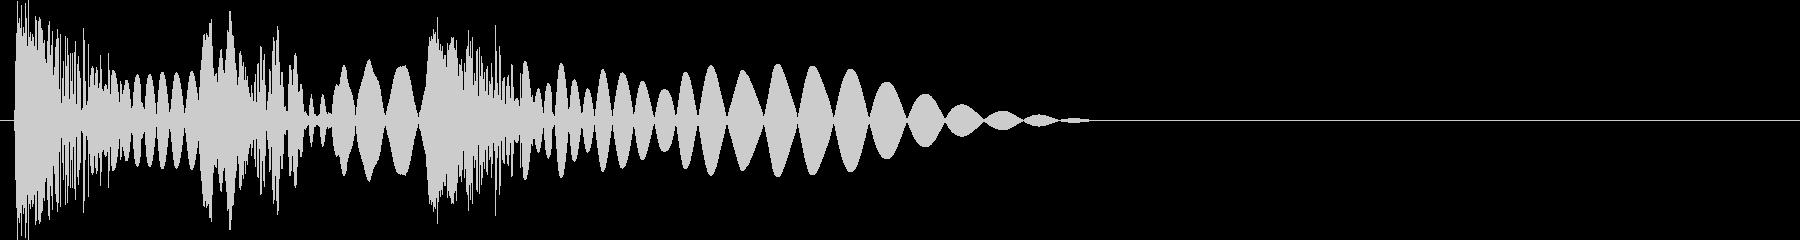 ビュビュビュ(弾発射・連射・高速・3連)の未再生の波形